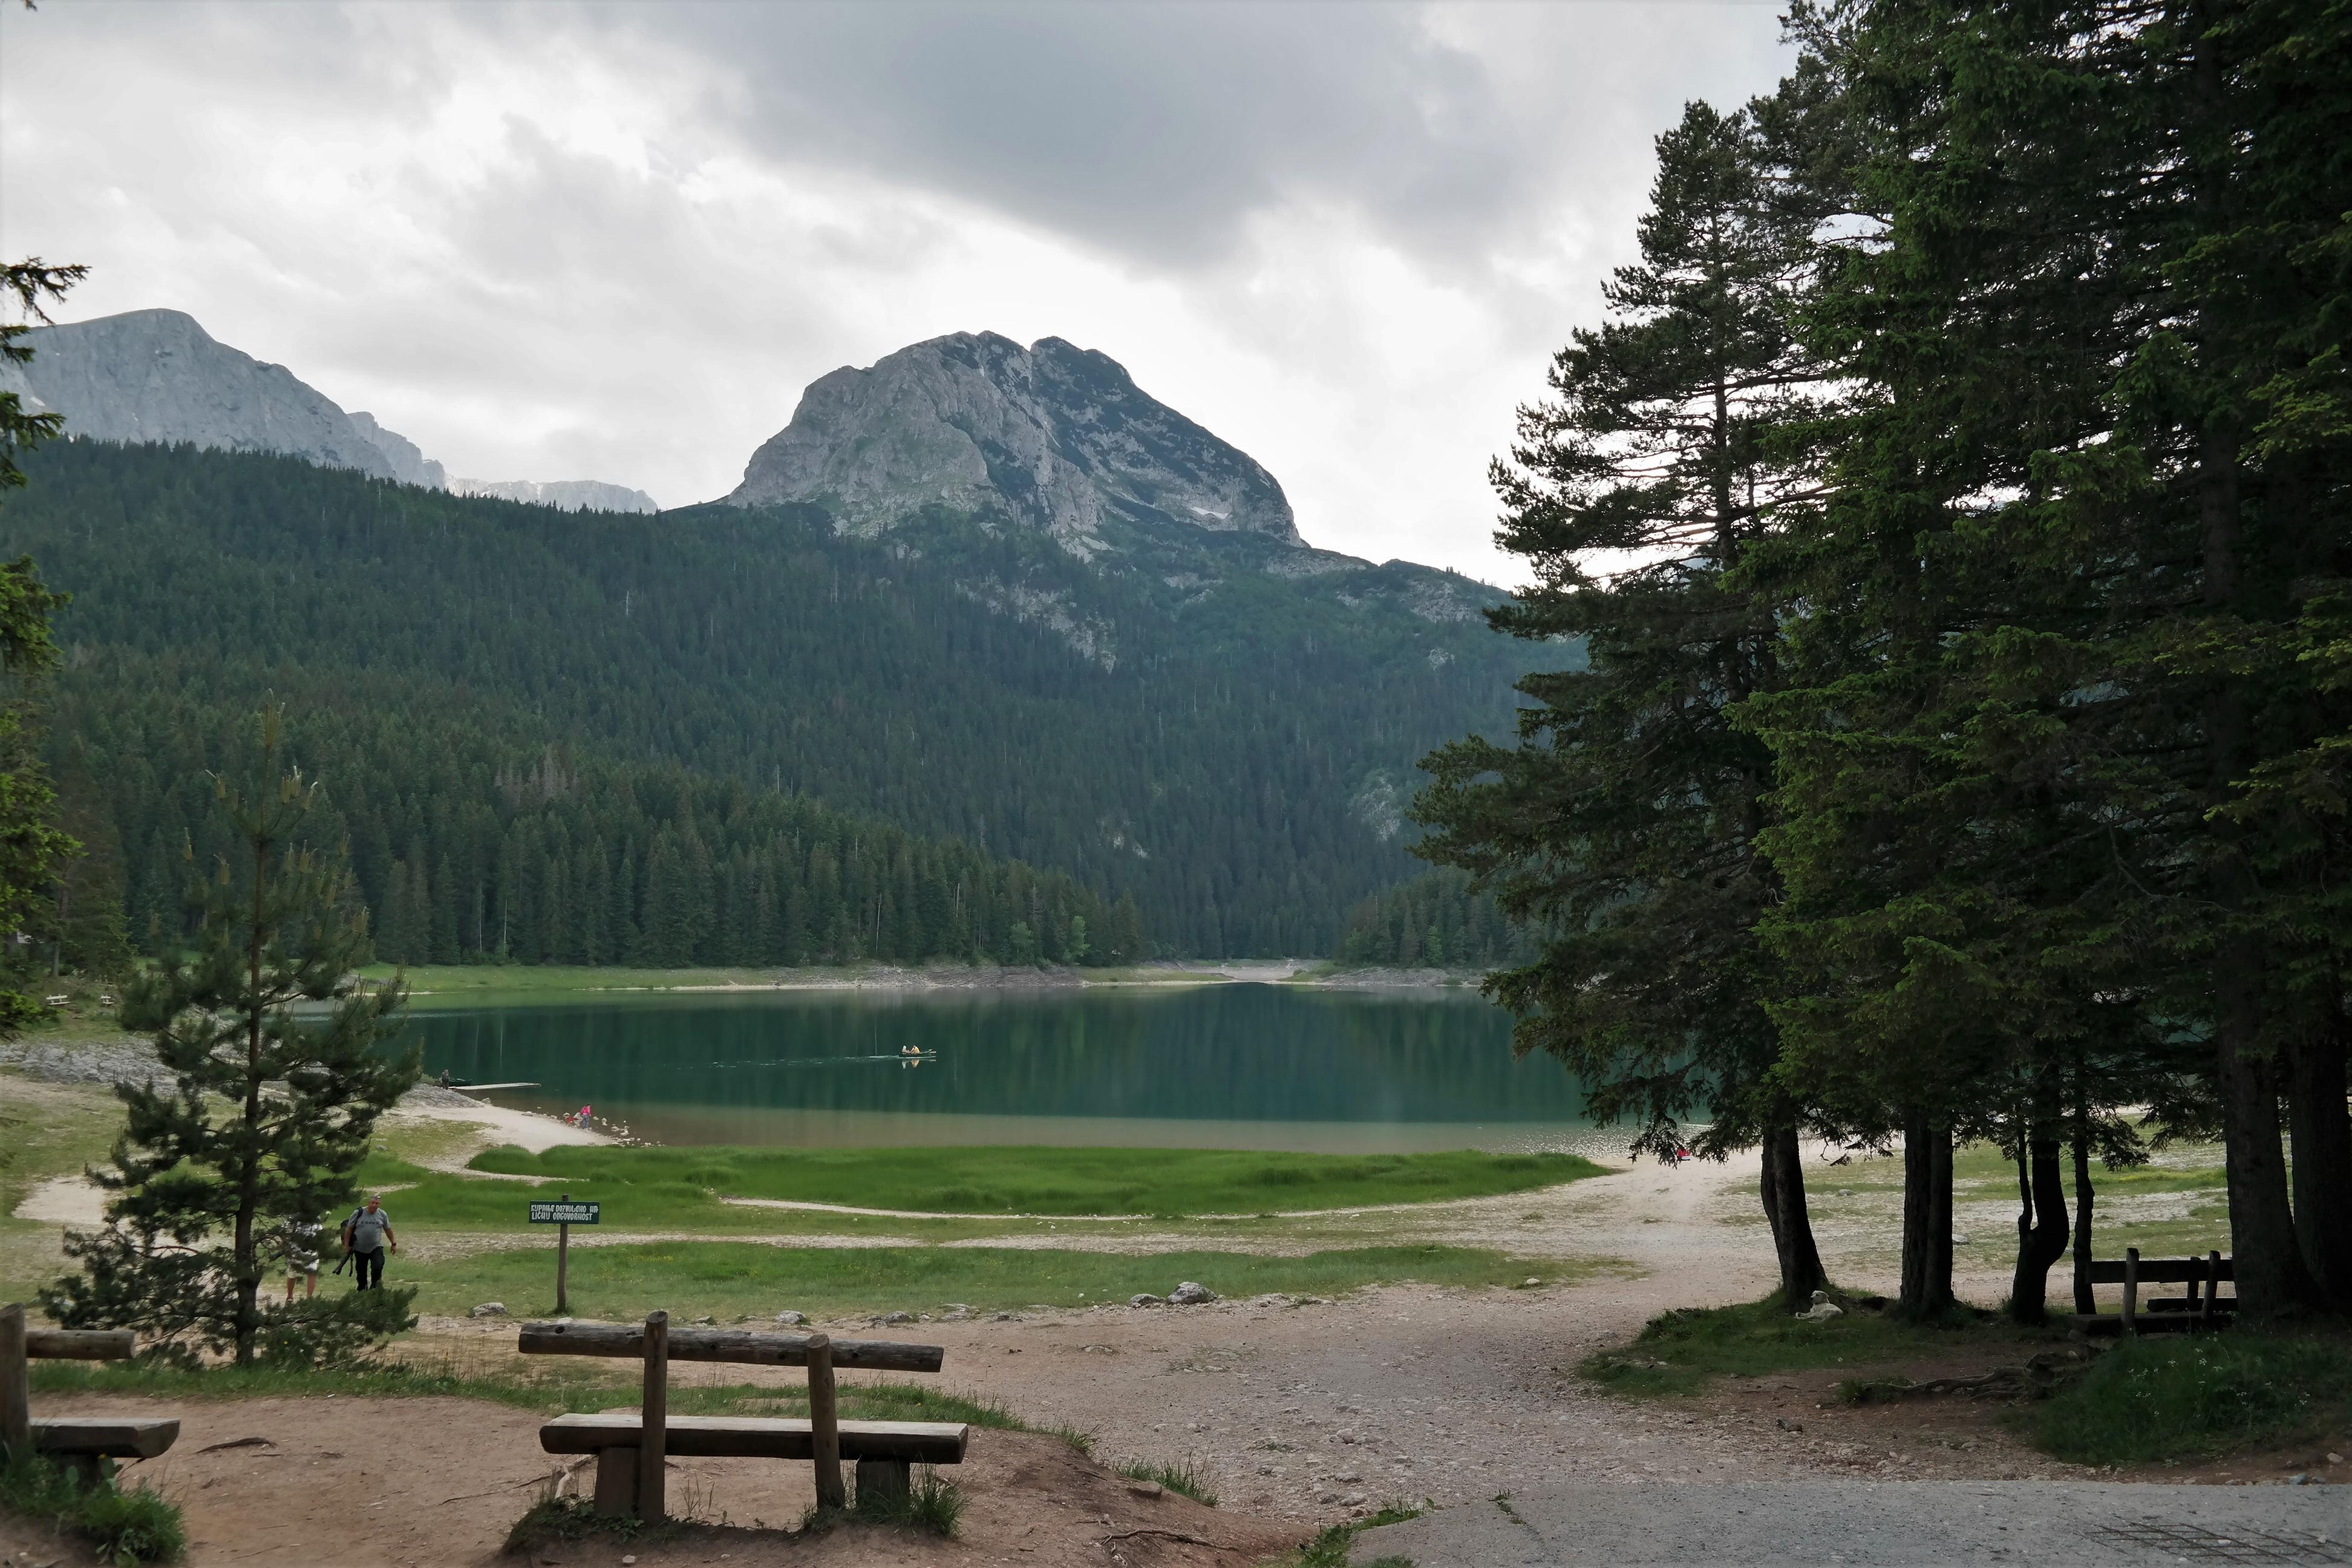 Wanderung zum Crno Jezero im Durmitor Nationalpark, Schwarzer See Montenegro